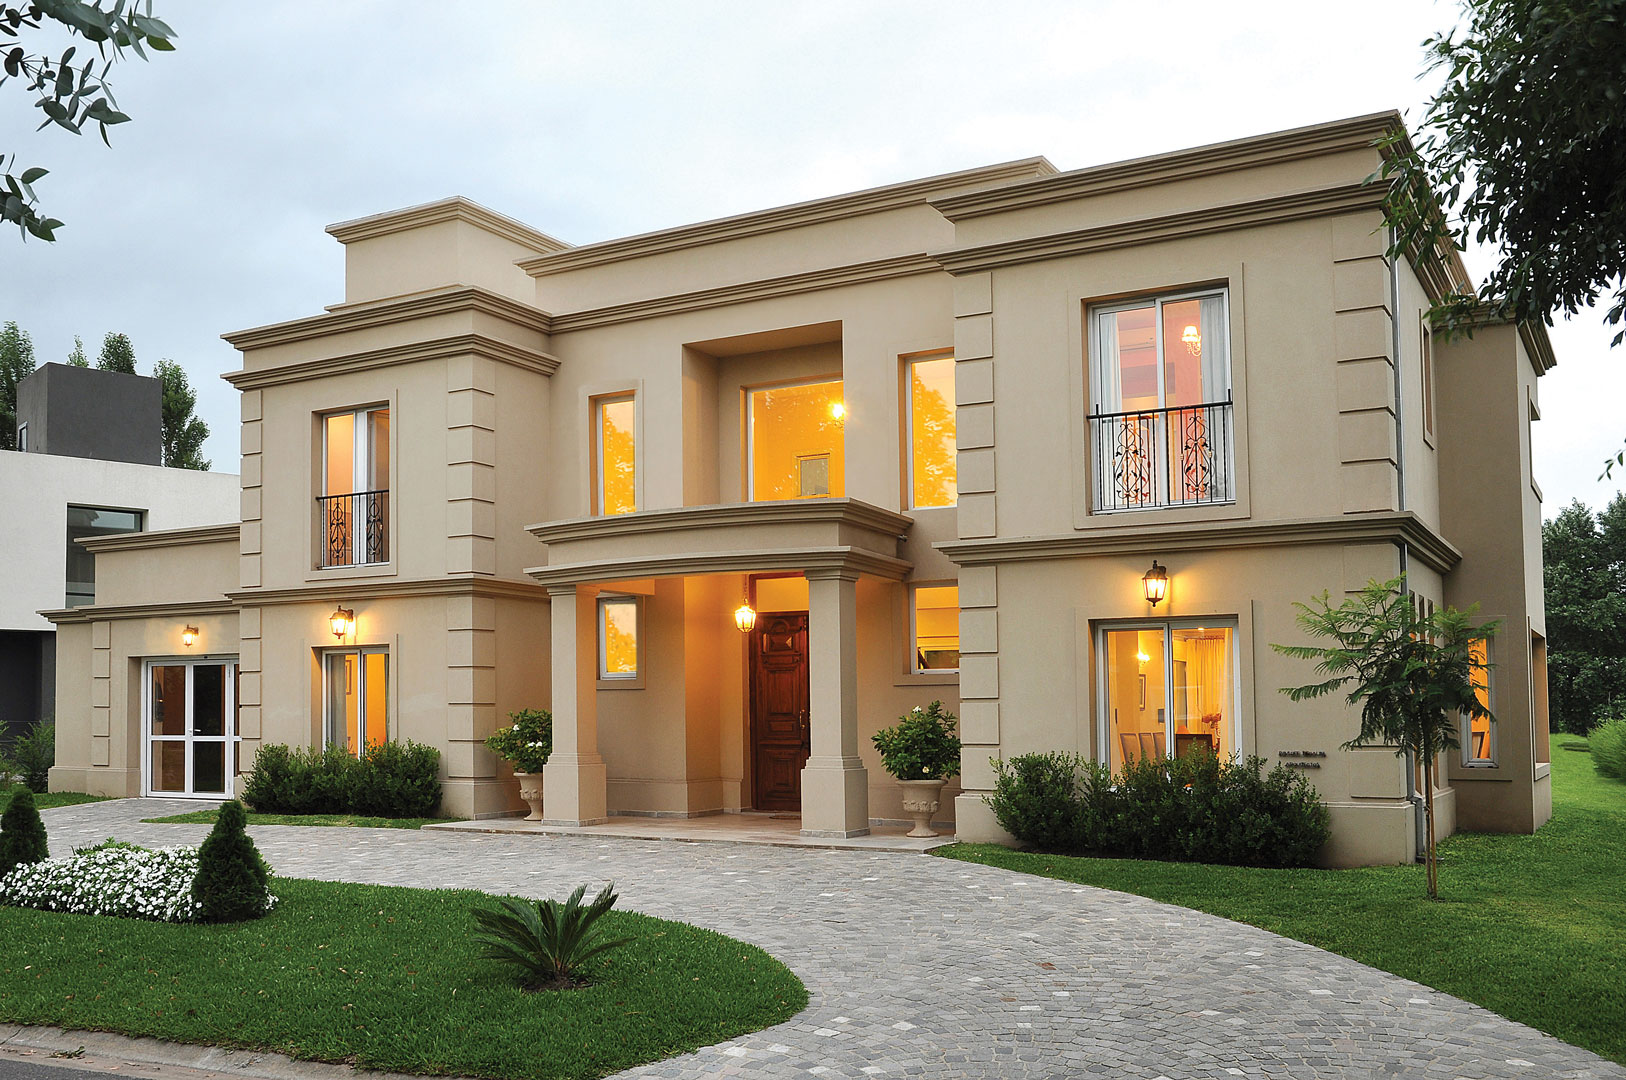 Fachadas de casas clasicas modernas 8 preguntas para los for Casas clasicas modernas